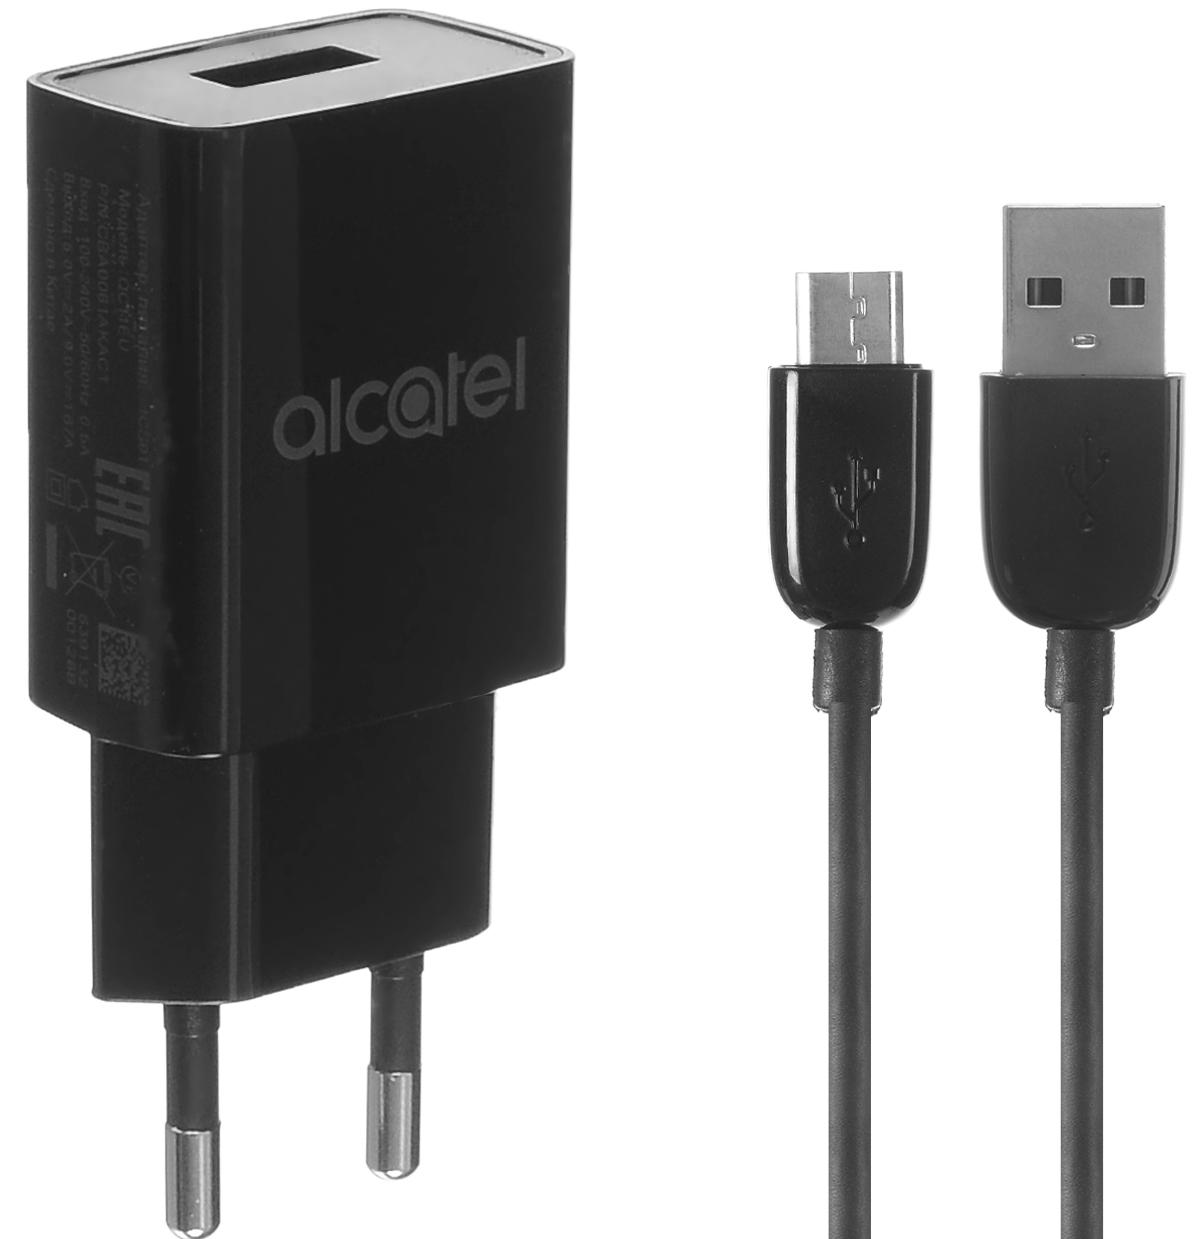 Alcatel QC11-3AALRU1 QuickCharger, Black сетевое зарядное устройствоQC11-3AALRU1Сетевое зарядное устройство Alcatel QC11-3AALRU1 предназначено для зарядки и питания мобильного устройства от бытовой сети переменного тока. Вы можете заряжать любые устройства, совместимые с выходным током зарядки до 2А и напряжением 5В.